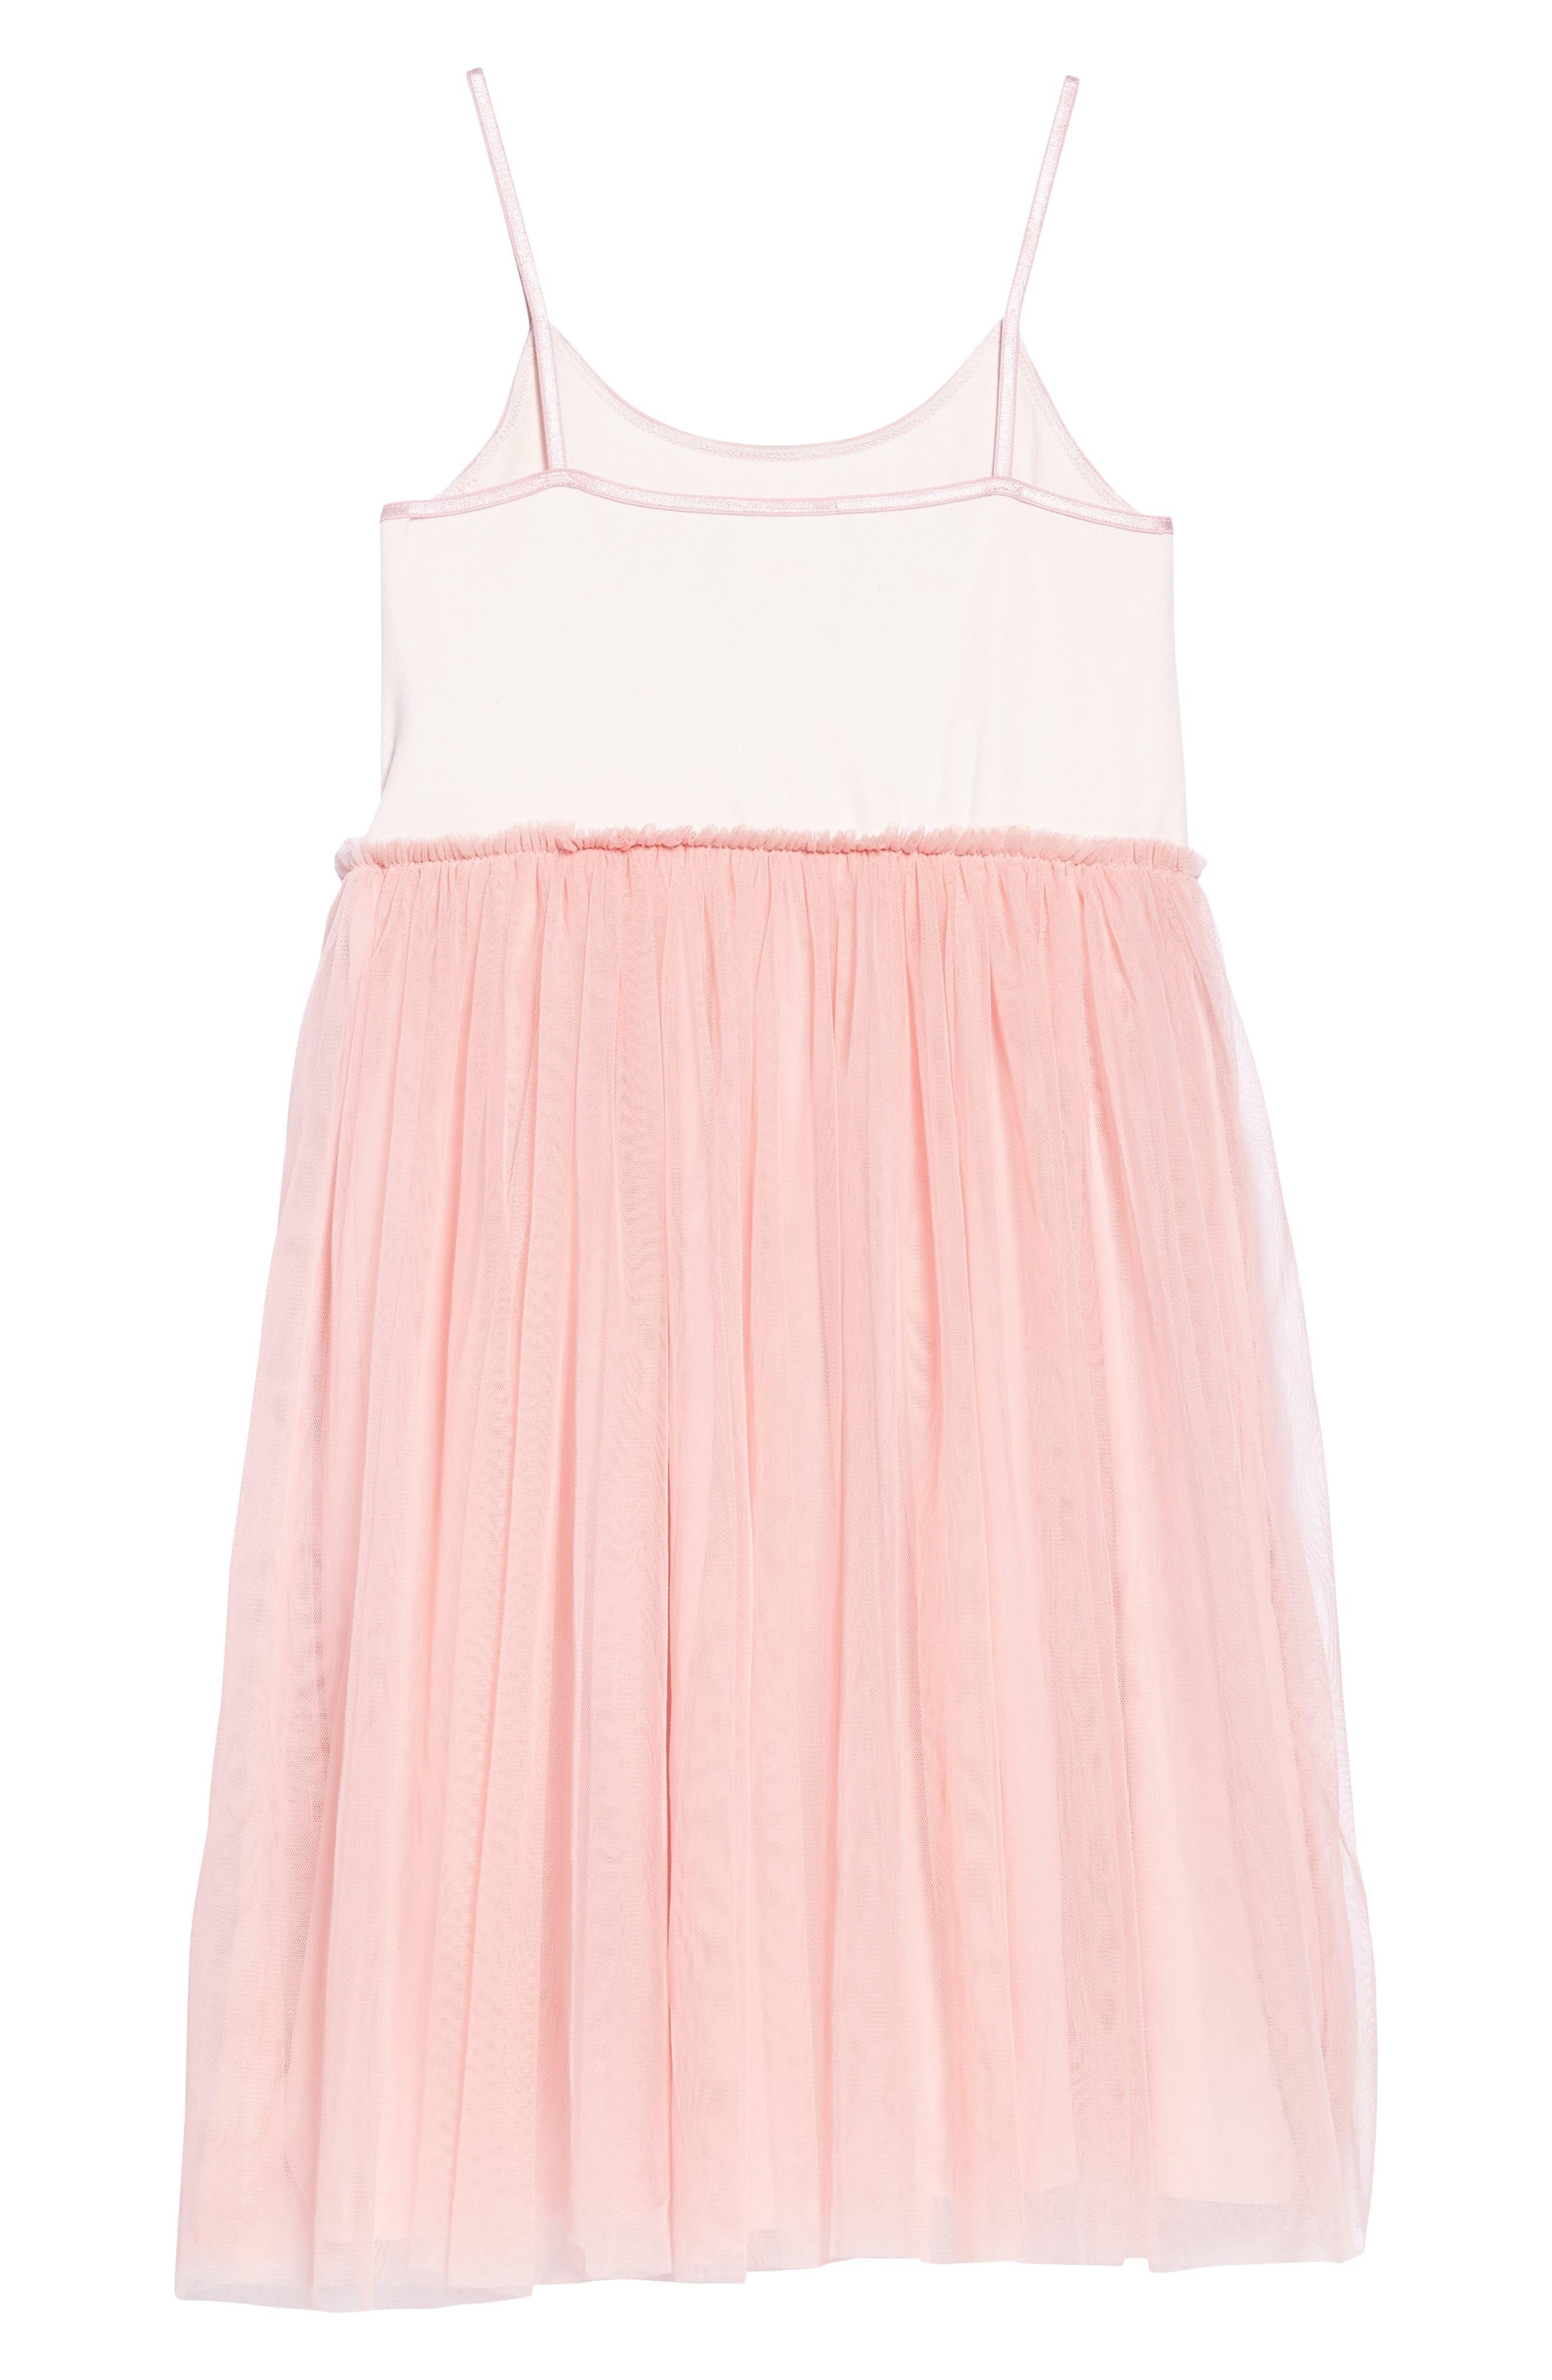 Alternate Image 2  - Masala Baby Sequin Heart Dress with Tulle Skirt (Toddler Girls, Little Girls & Big Girls)